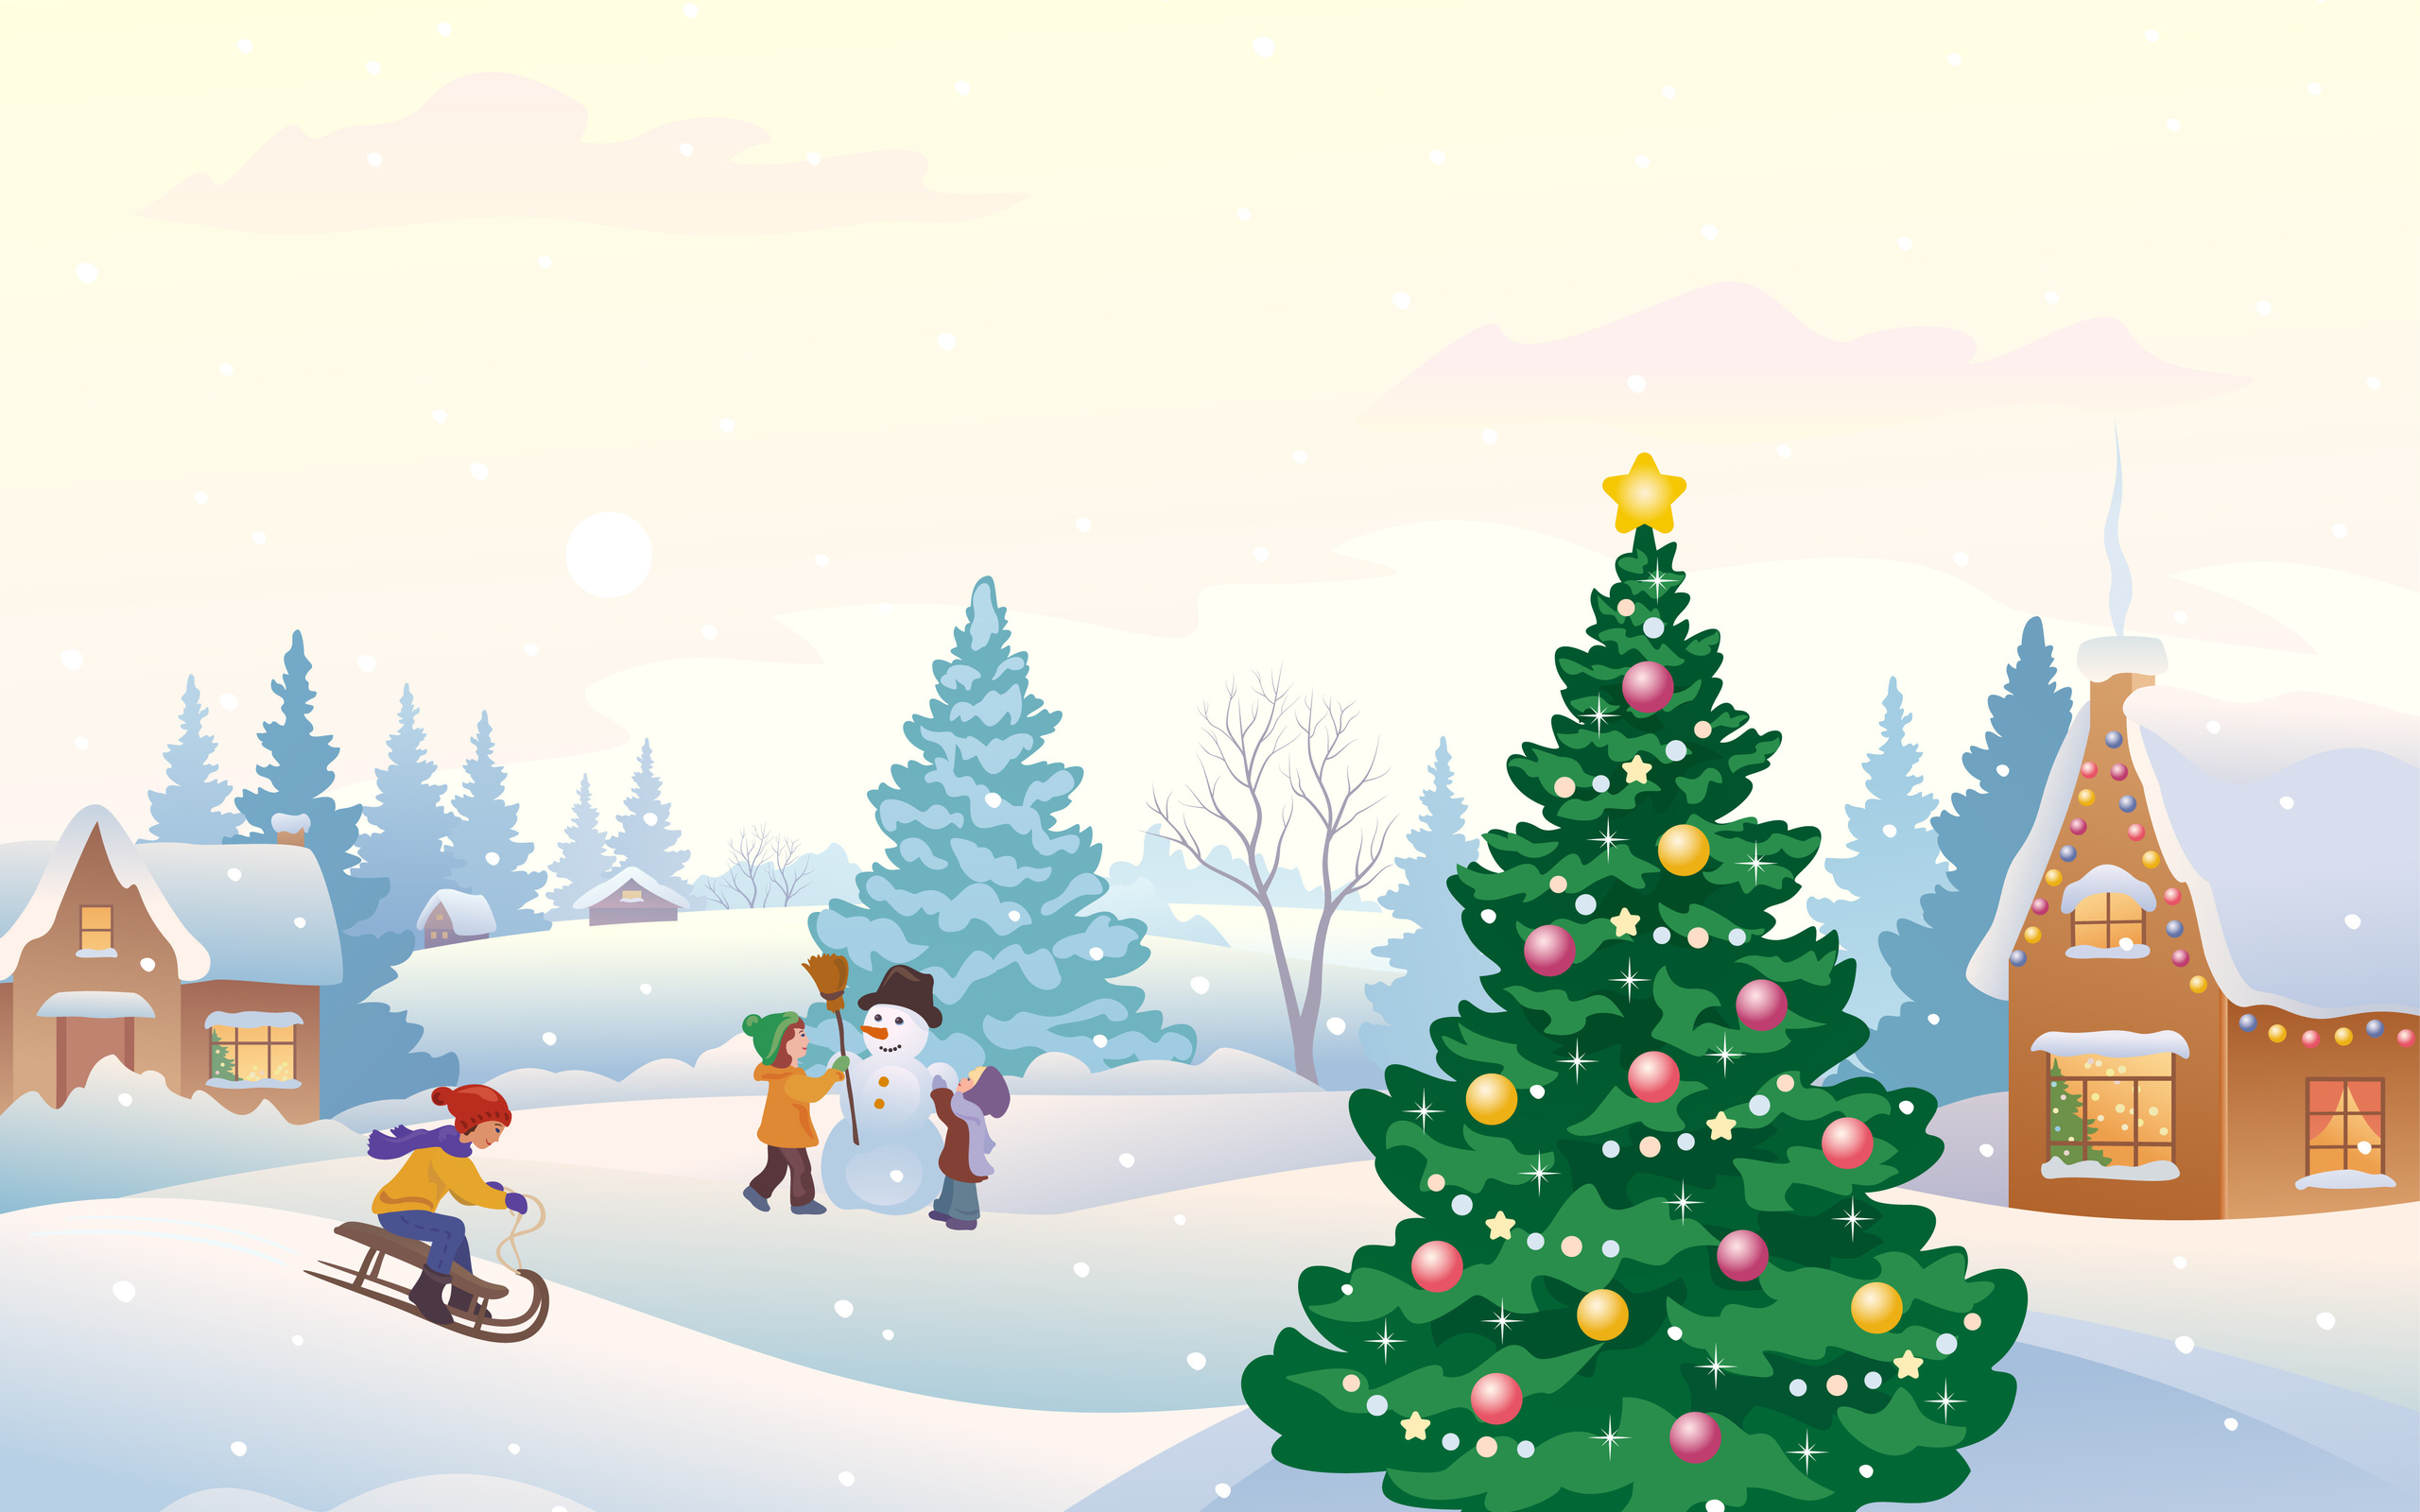 Картинки днем, новый год рисунок для детей